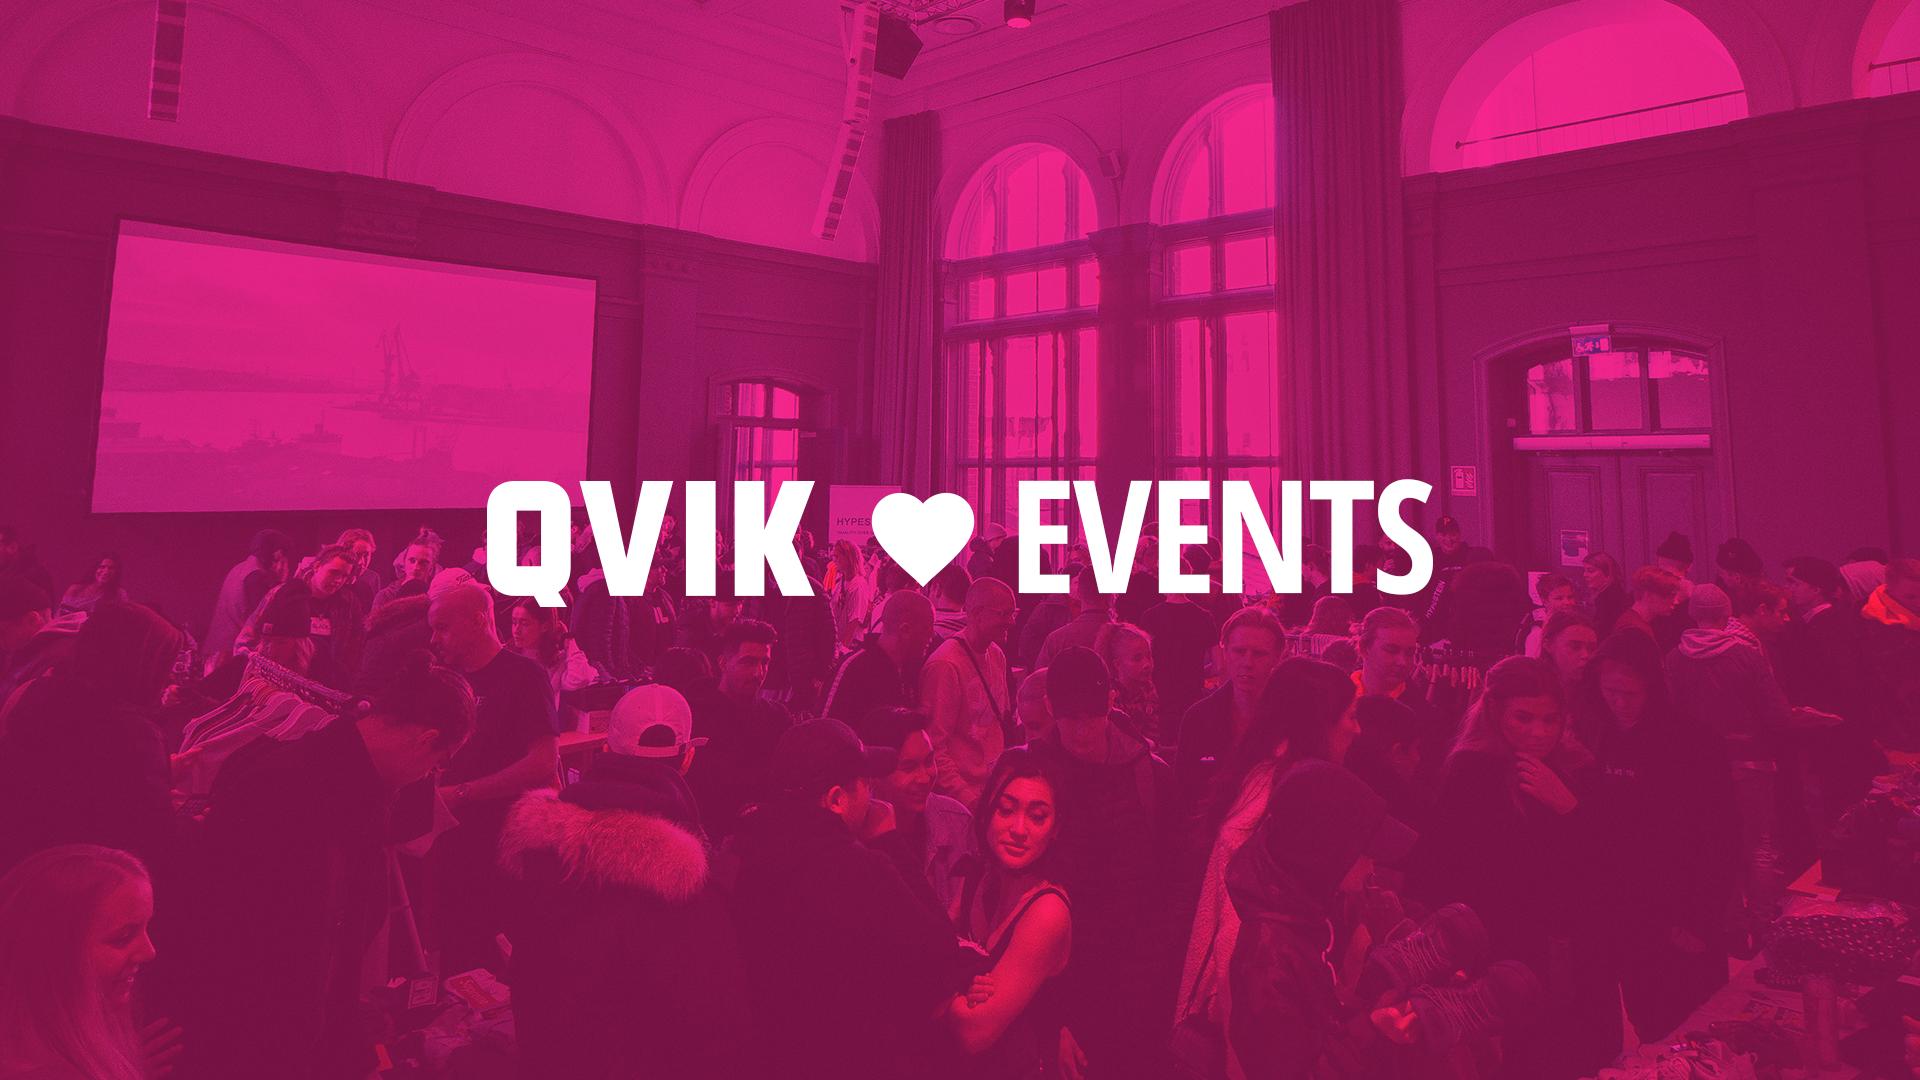 Qvik Events